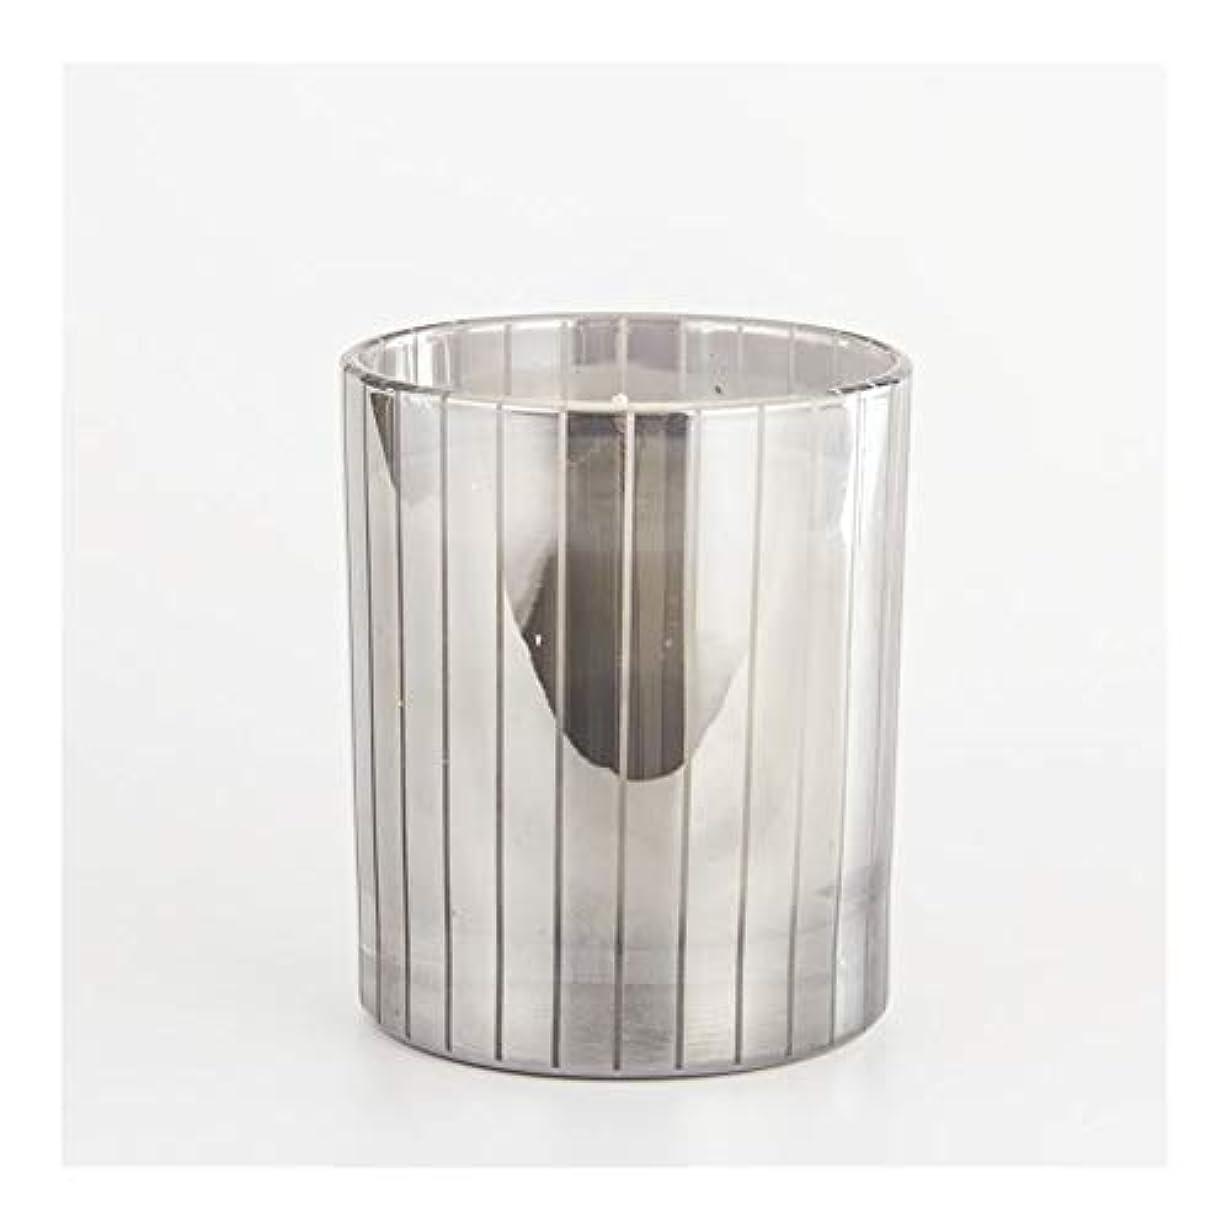 事業果てしない荷物Guomao シルバーストライプカップキャンドルカップワックスワックスアロマセラピーキャンドルガラスワックスカップ